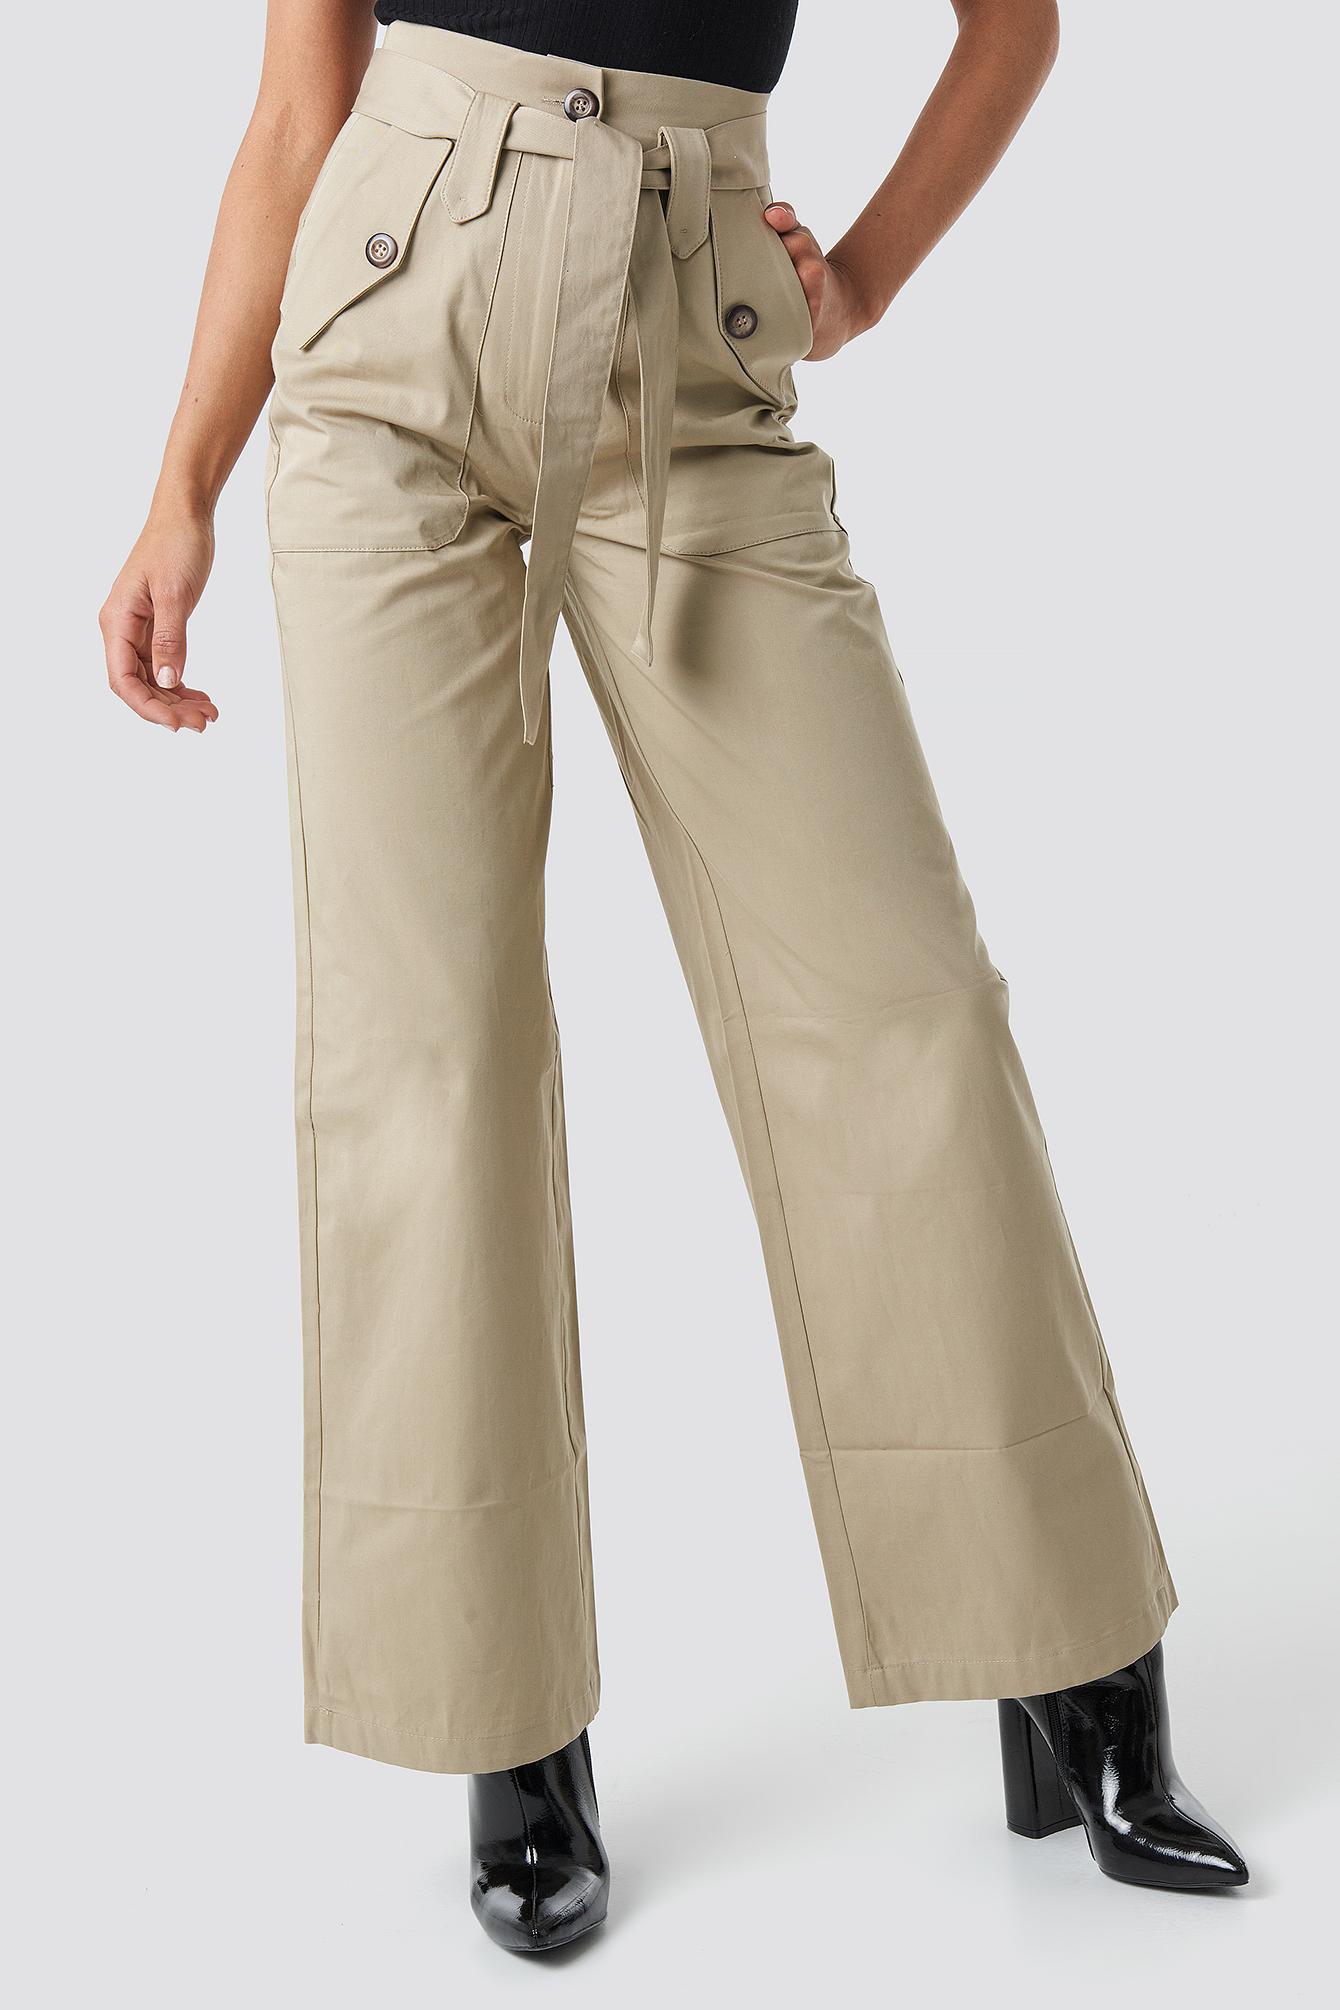 Belt Pocket Detailed Pants NA-KD.COM